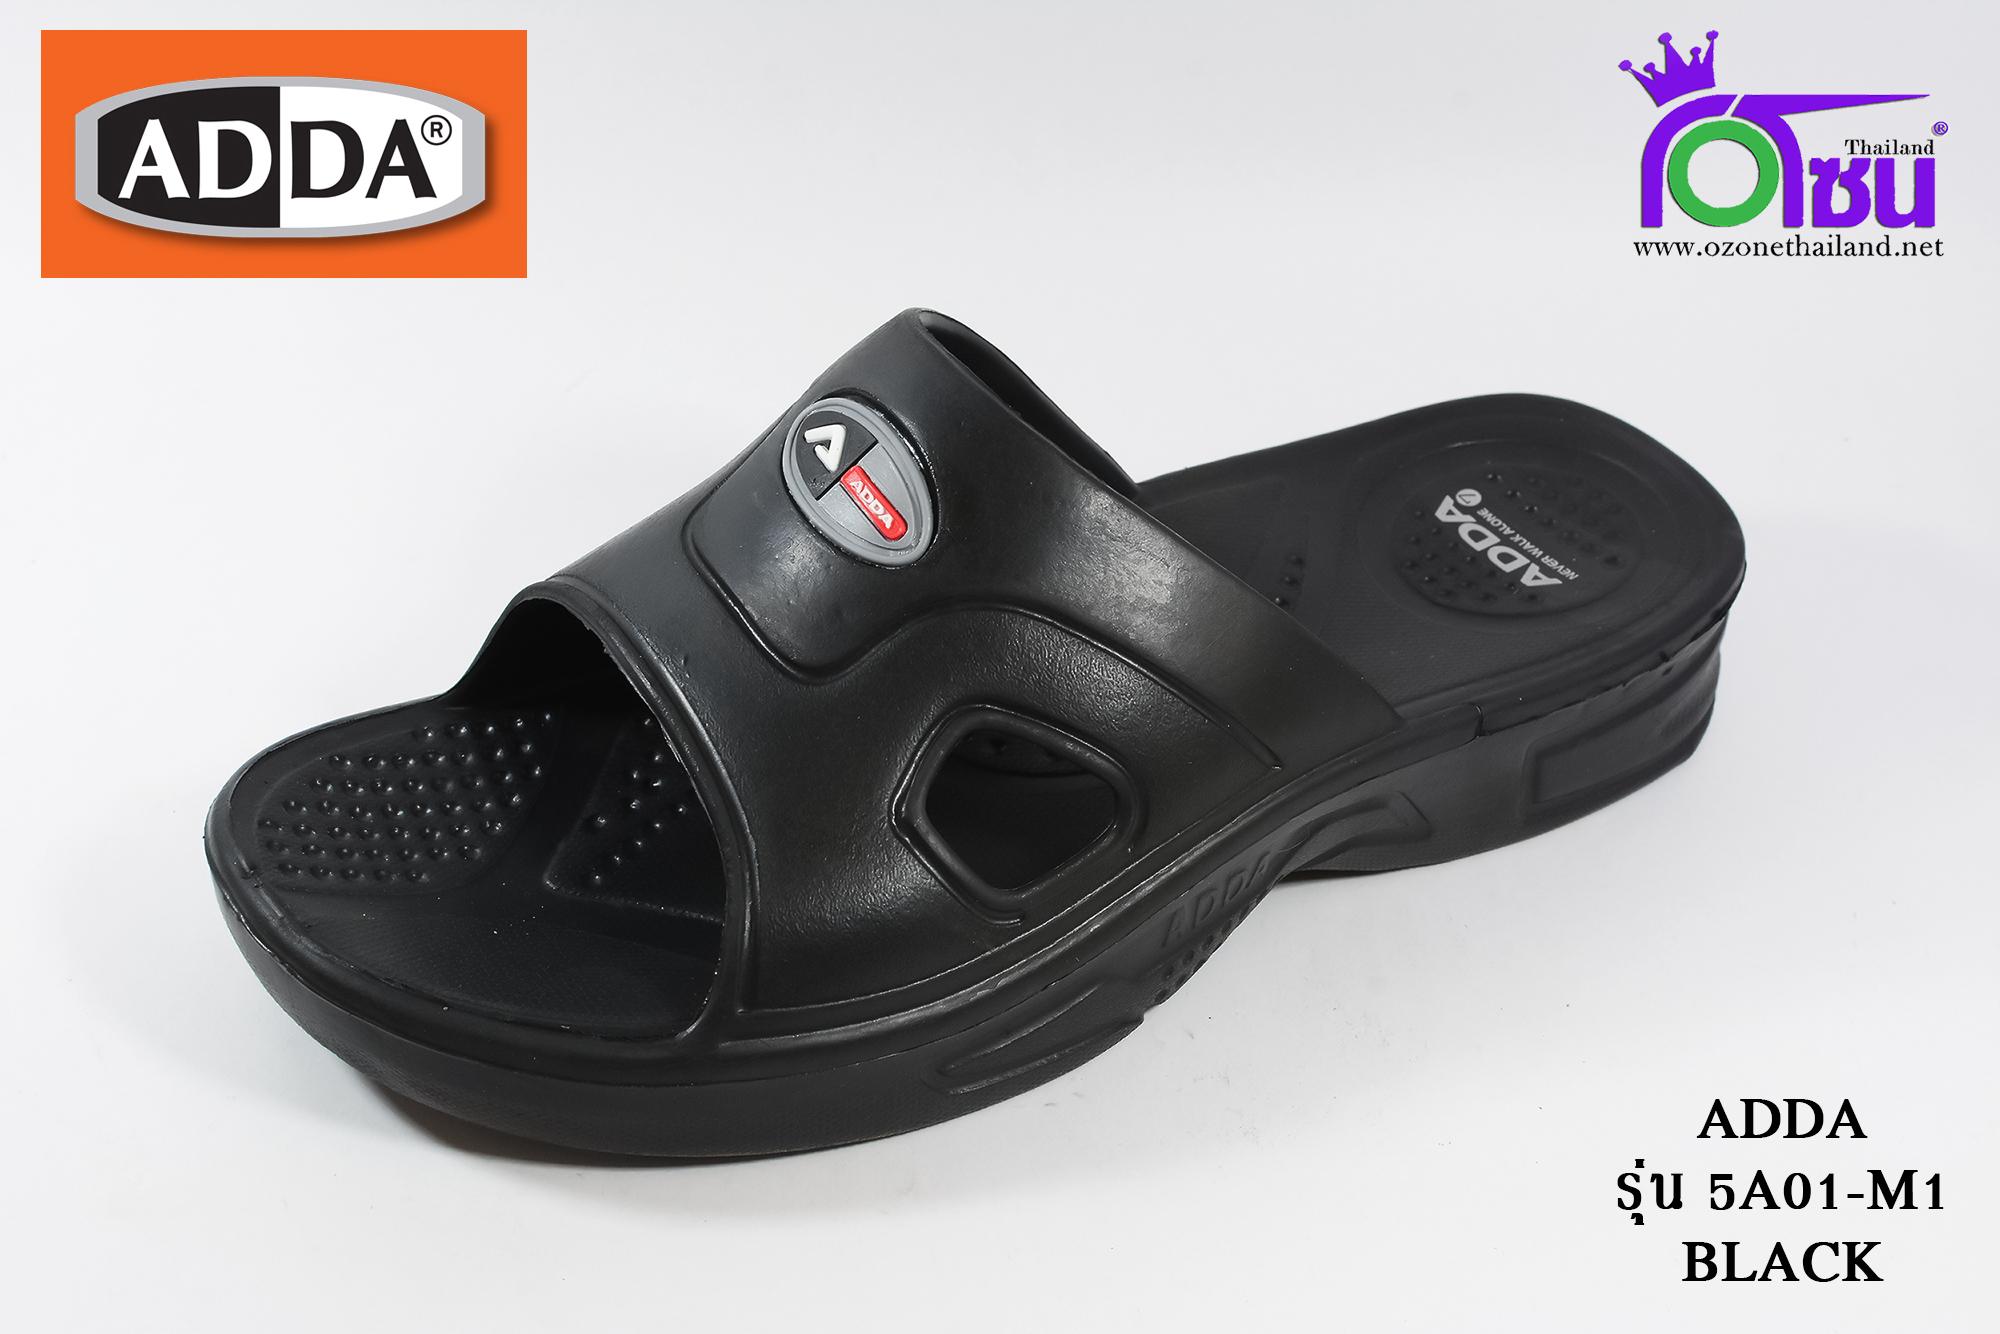 รองเท้าแตะไฟล่อน ADDA แอดด๊า รหัส 5A01 สีดำ เบอร์ 7-9 สำเนา